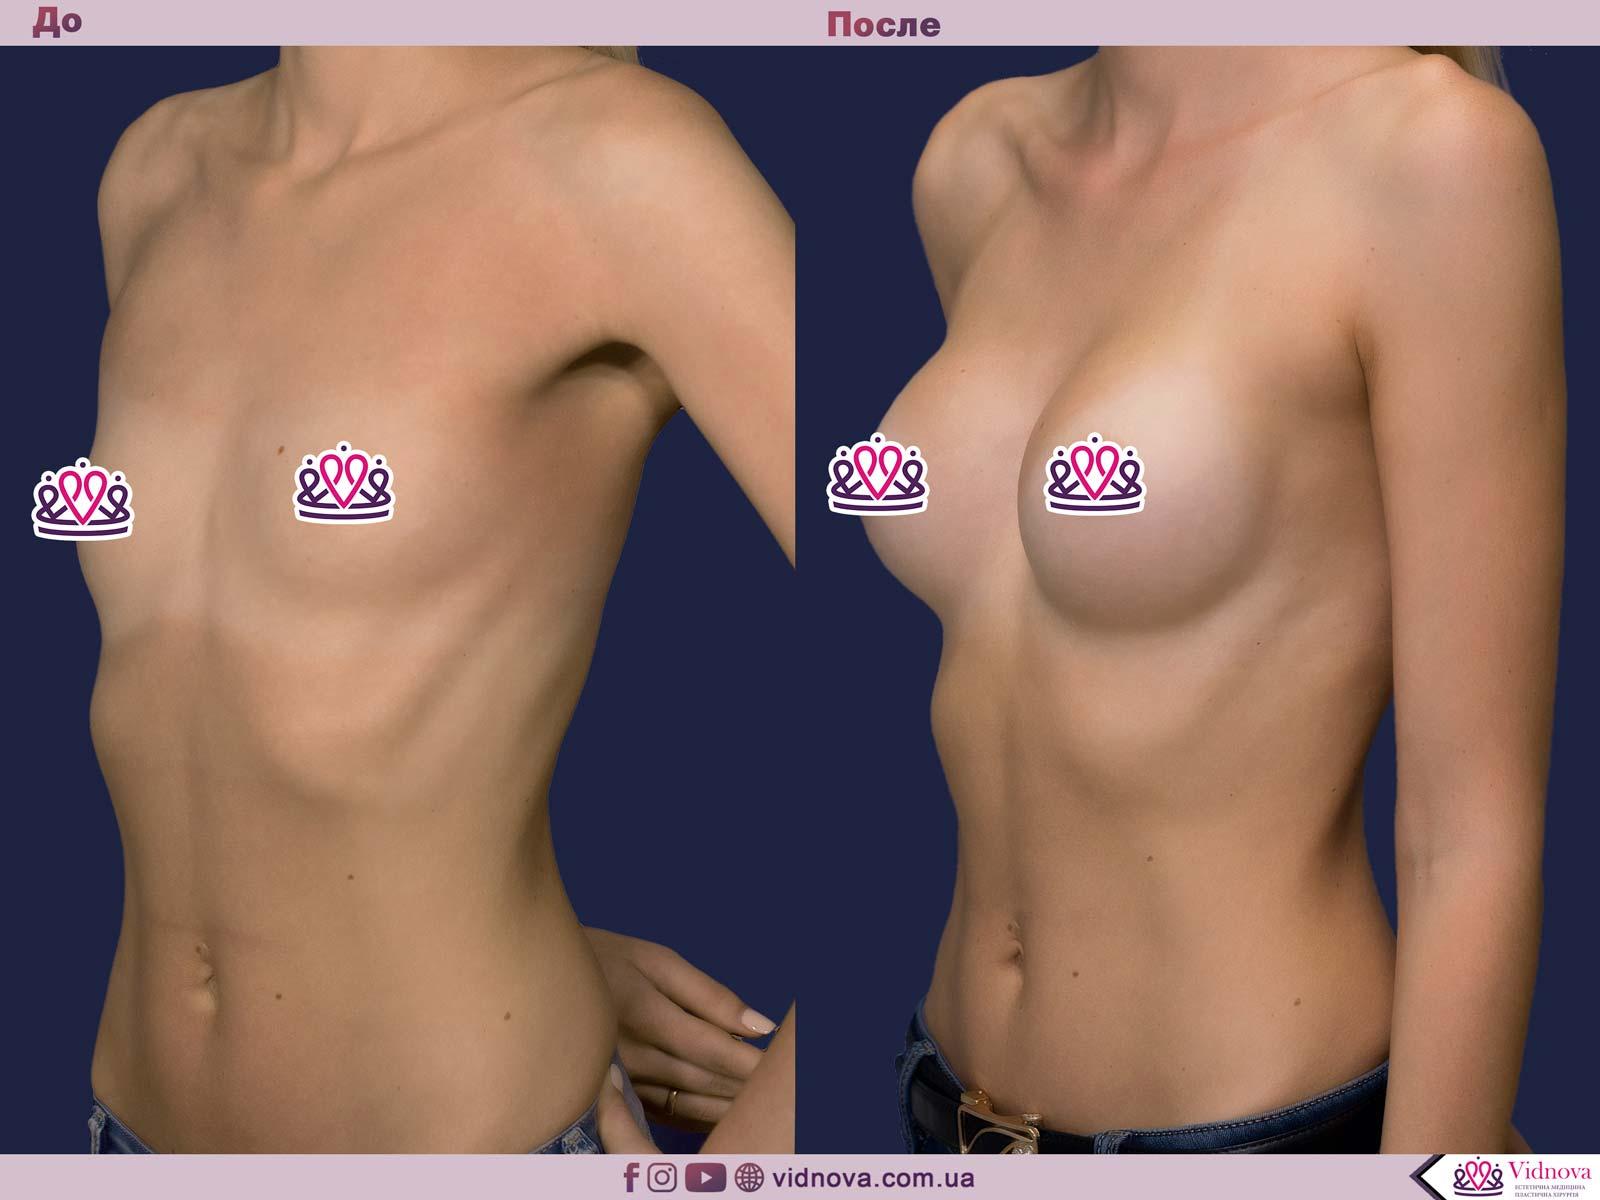 Пластика груди: результаты до и после - Пример №14-1 - Светлана Работенко